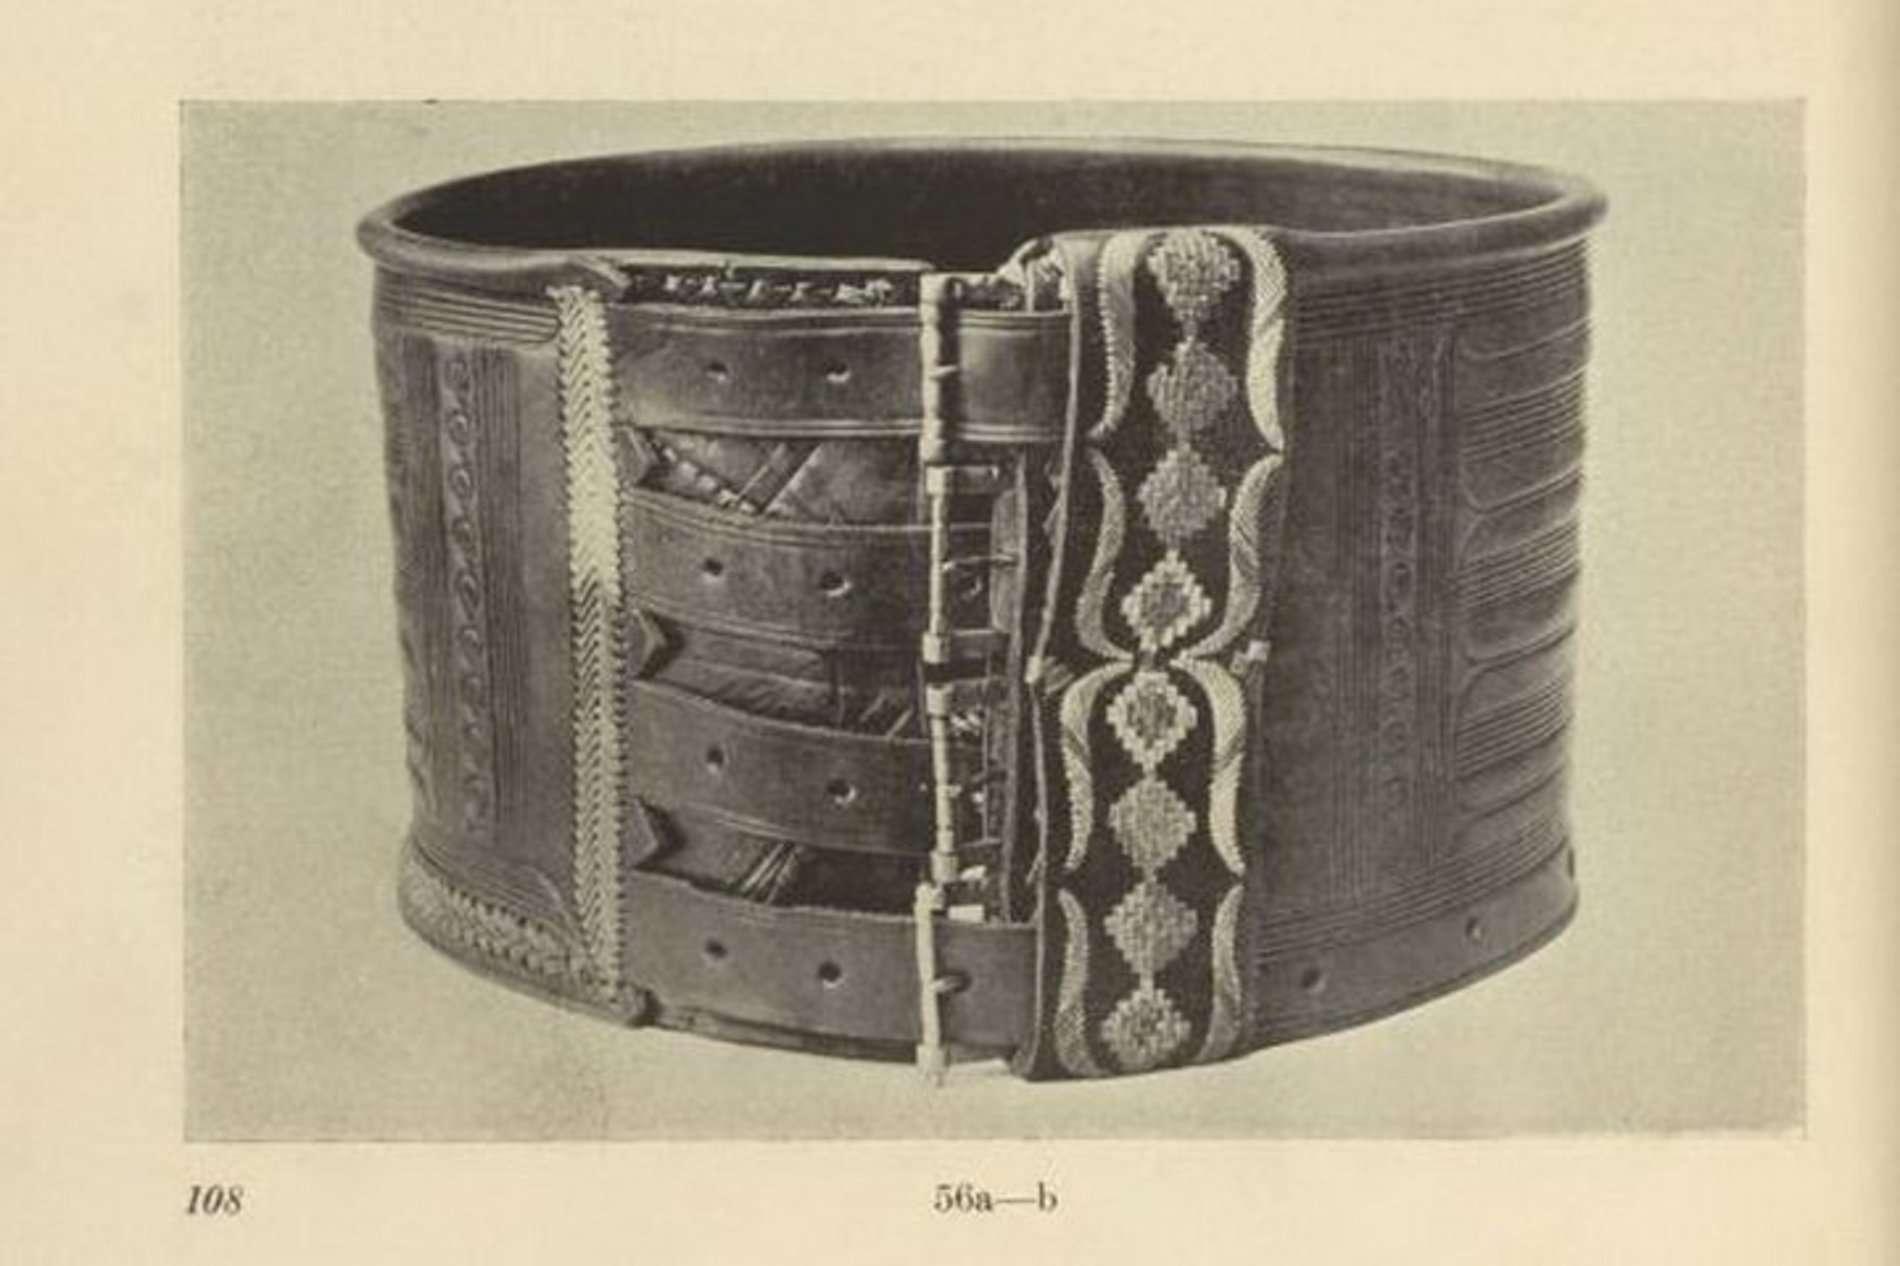 Які прикраси та аксесуари носили мешканці Карпат майже 100 років тому